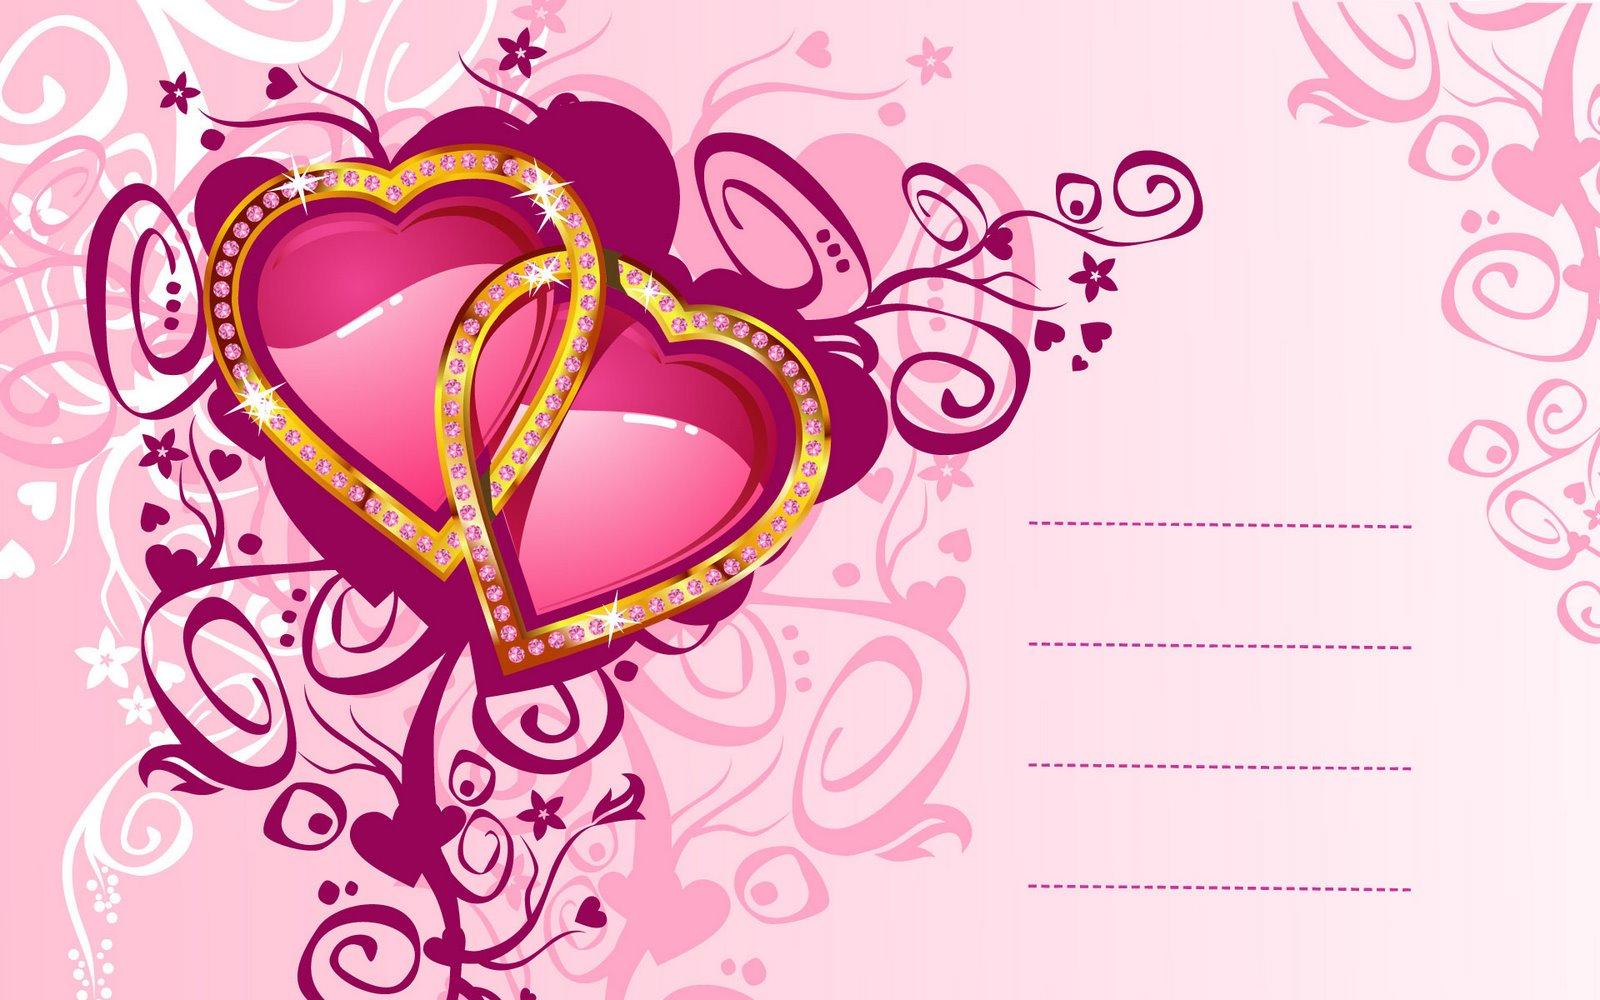 Love Wallpaper Image Credit